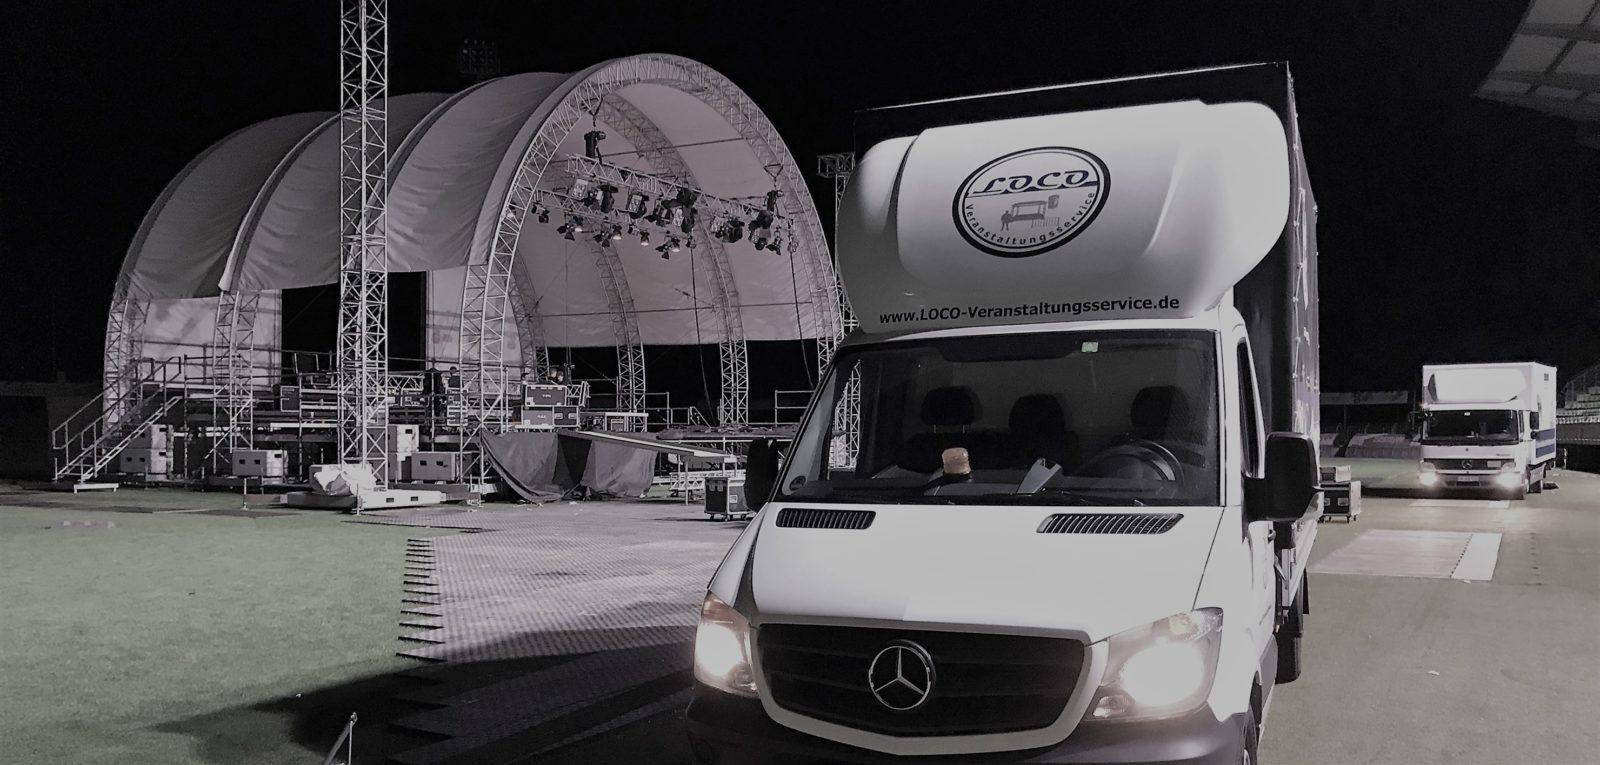 Veranstaltungsservice Veranstaltung Personaldienstleistung Stagehand Ausstattung Licht Ton Bühnenbau